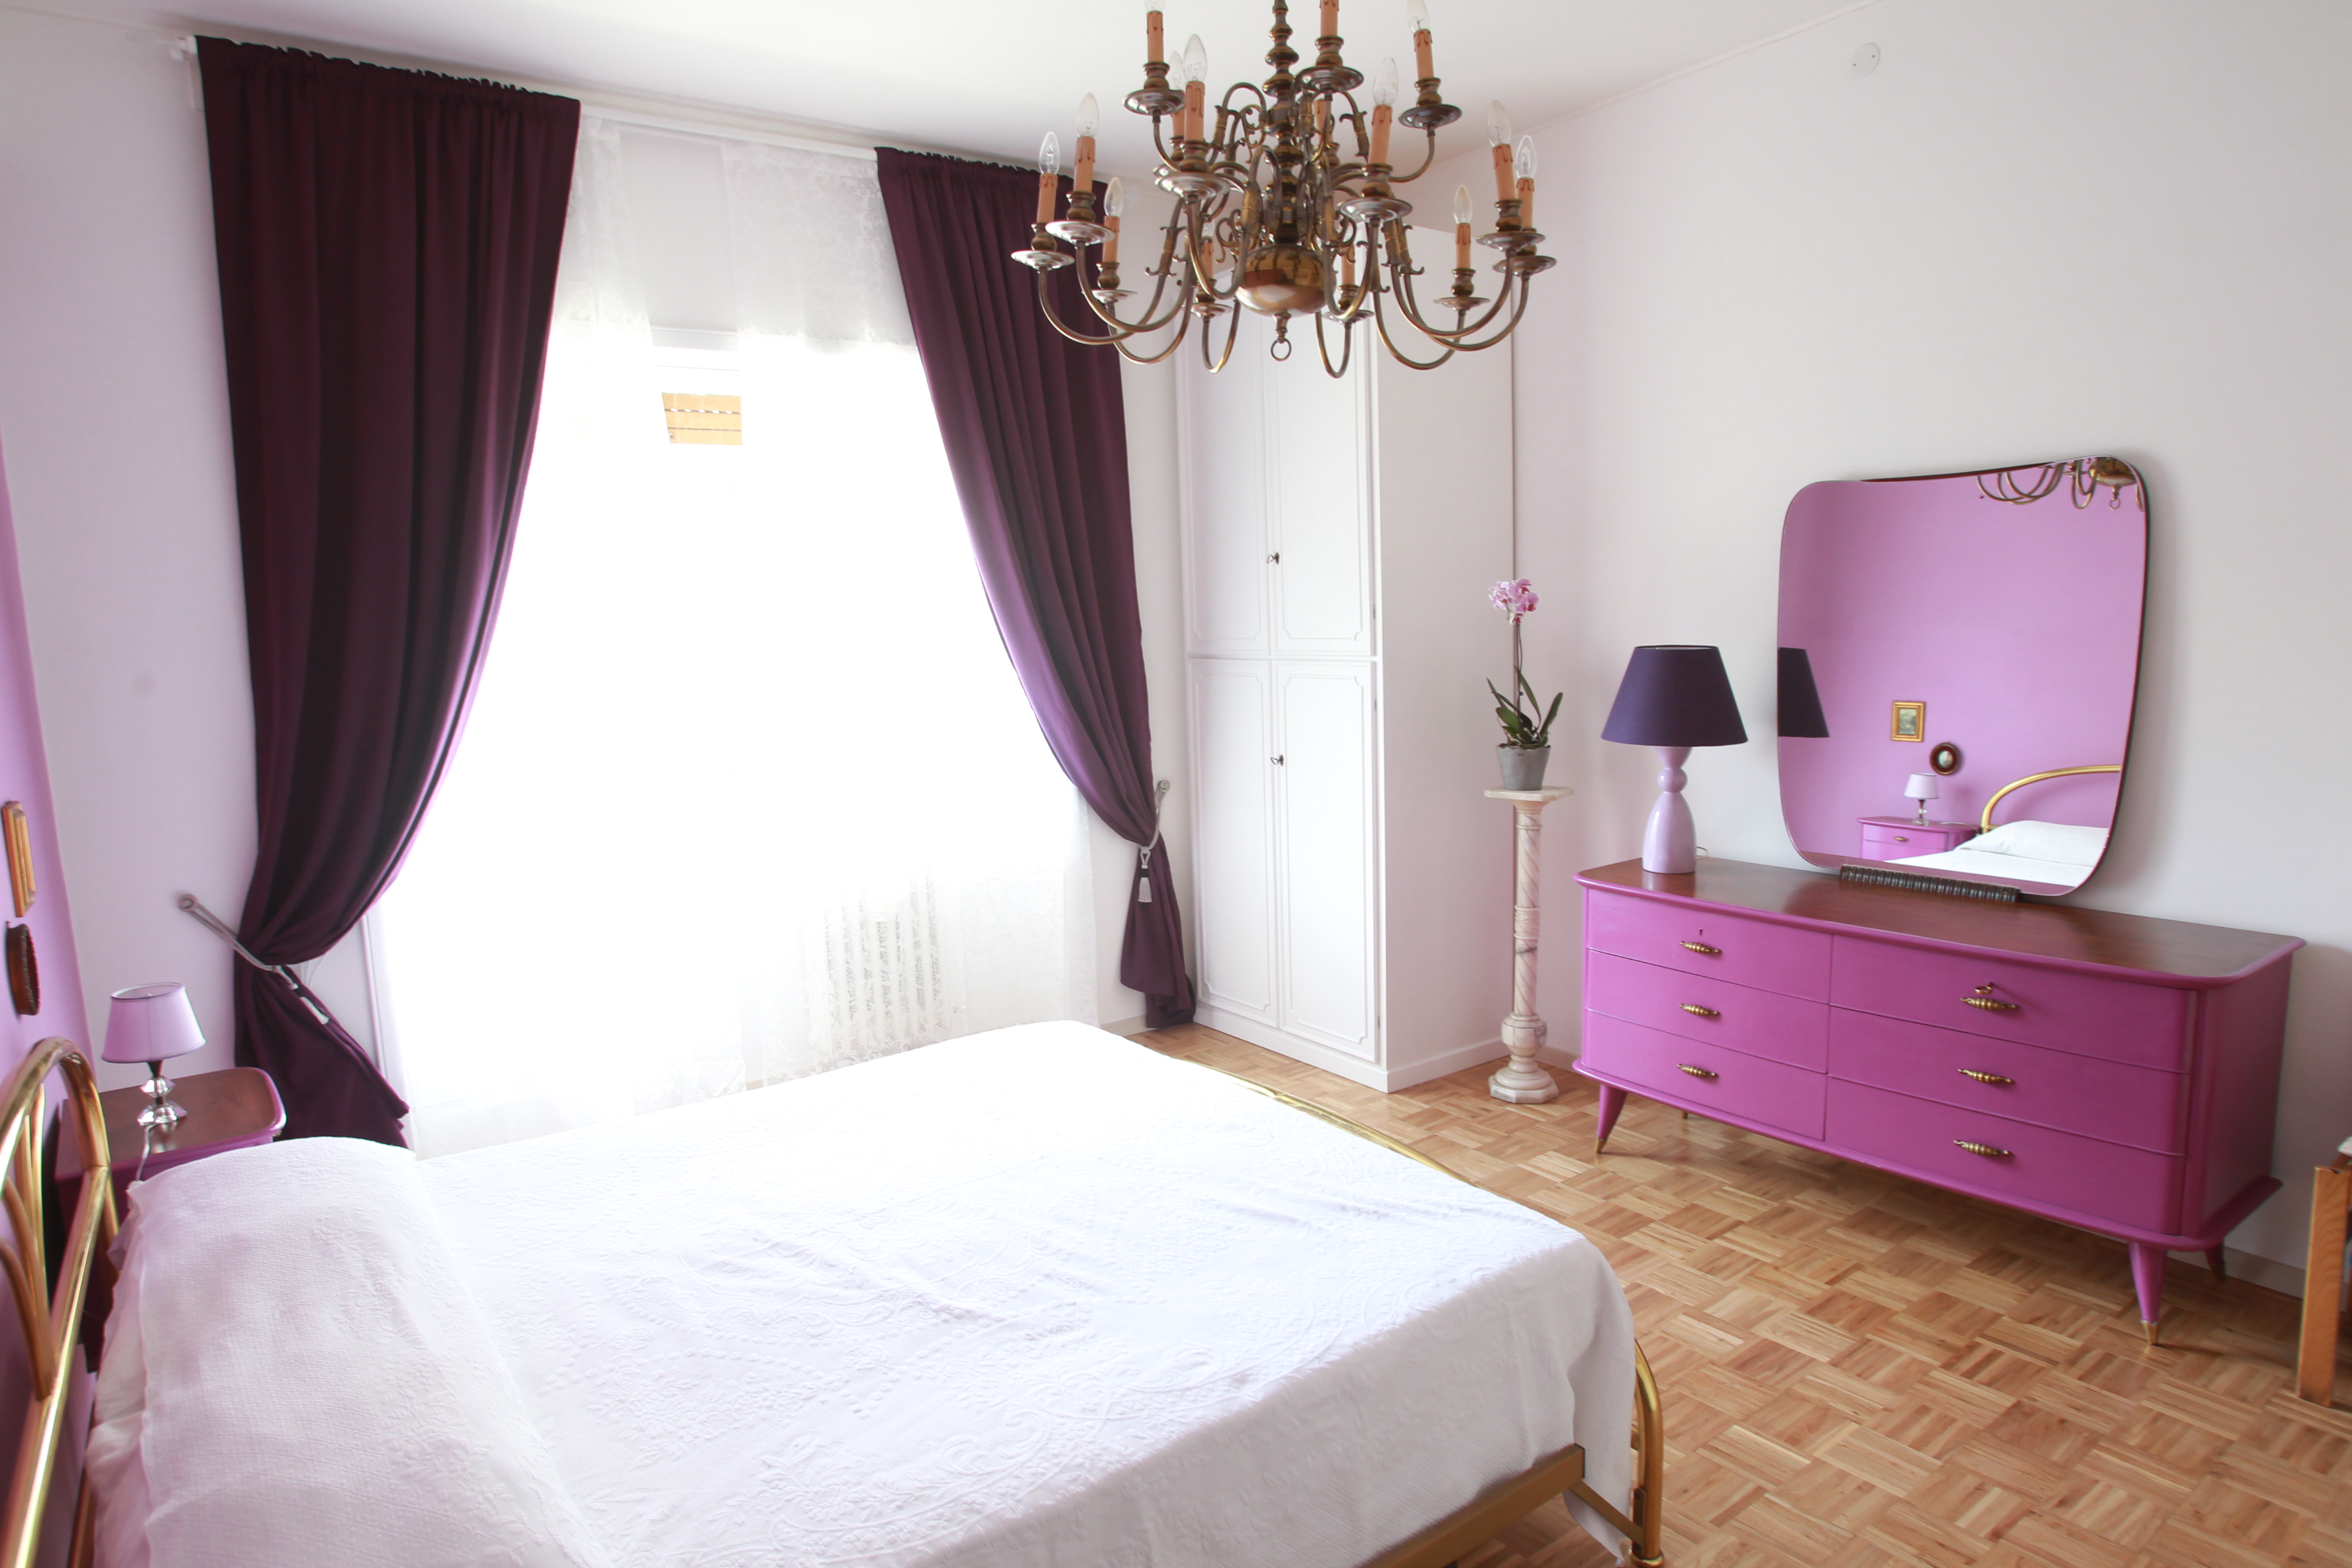 Sara's Rooms